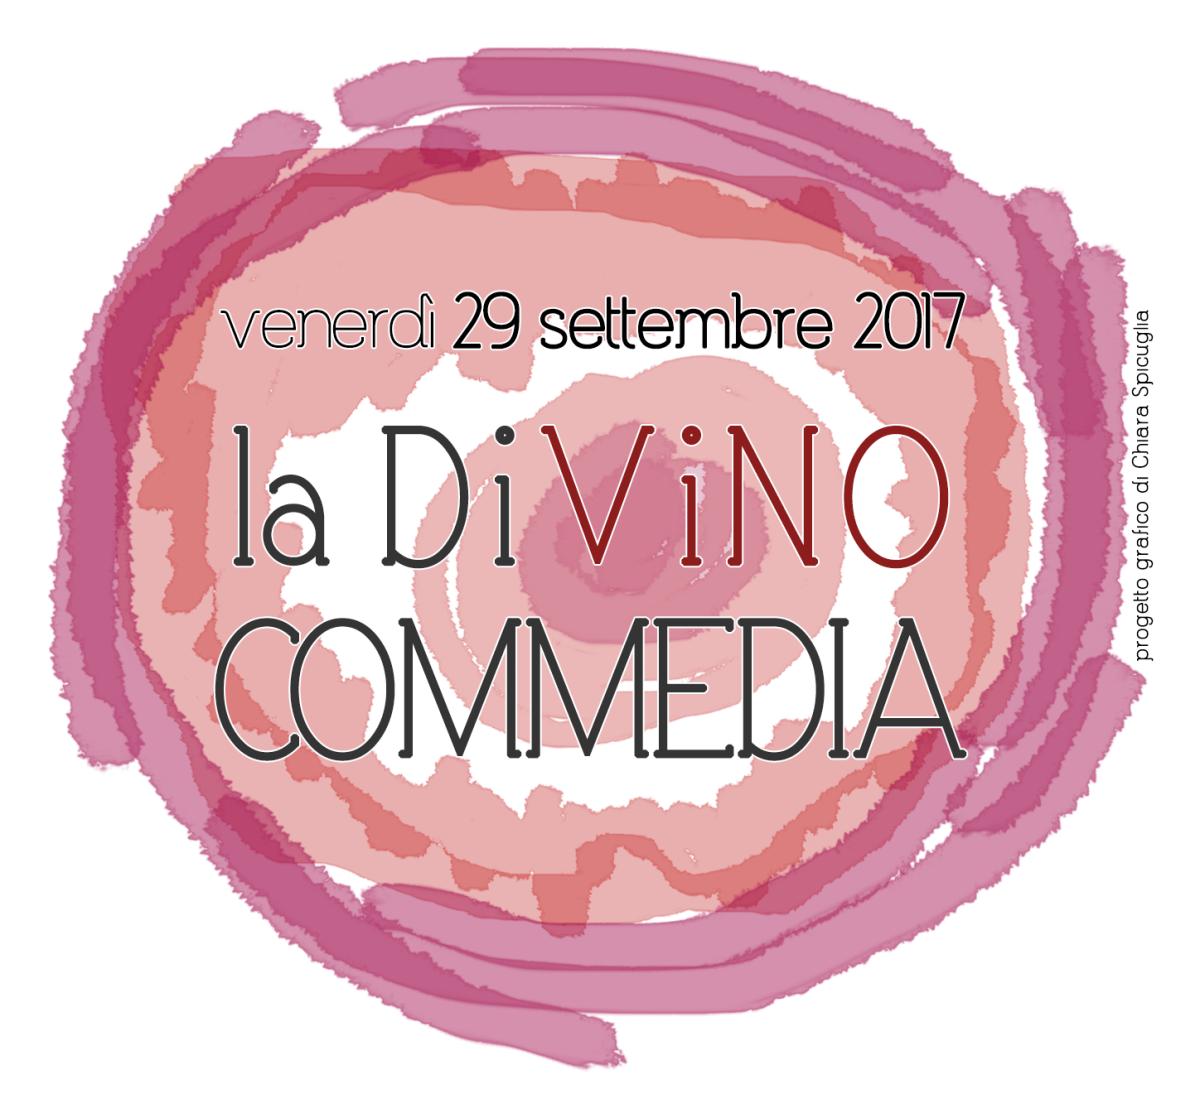 La DiVino Commedia: Cucina, Vino e Teatro, il 29 settembre a Noto